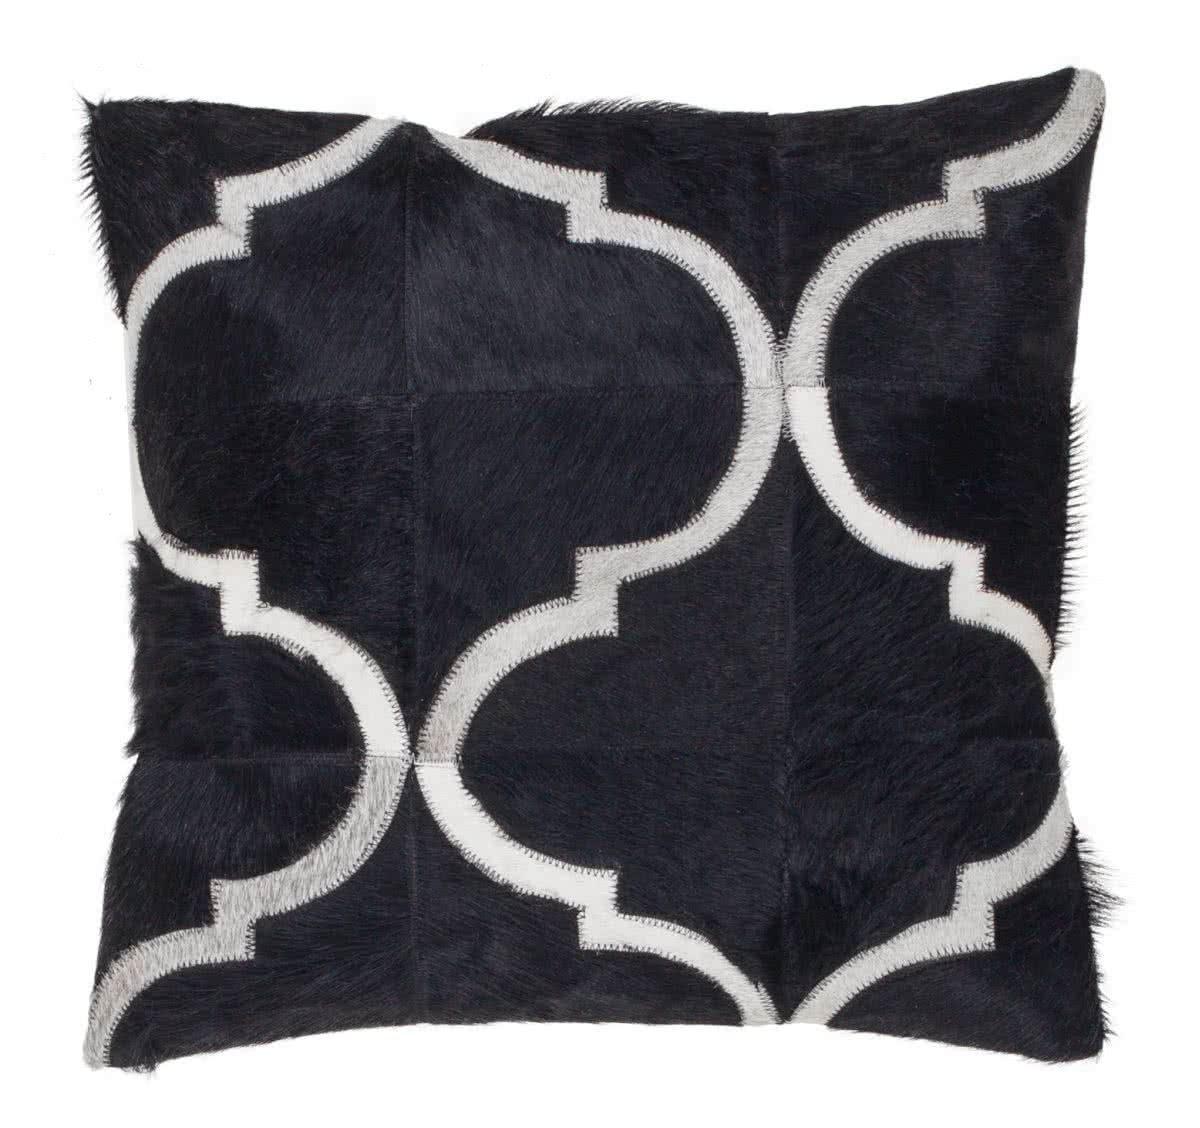 leder kissen free leder kissen with leder kissen almadih. Black Bedroom Furniture Sets. Home Design Ideas